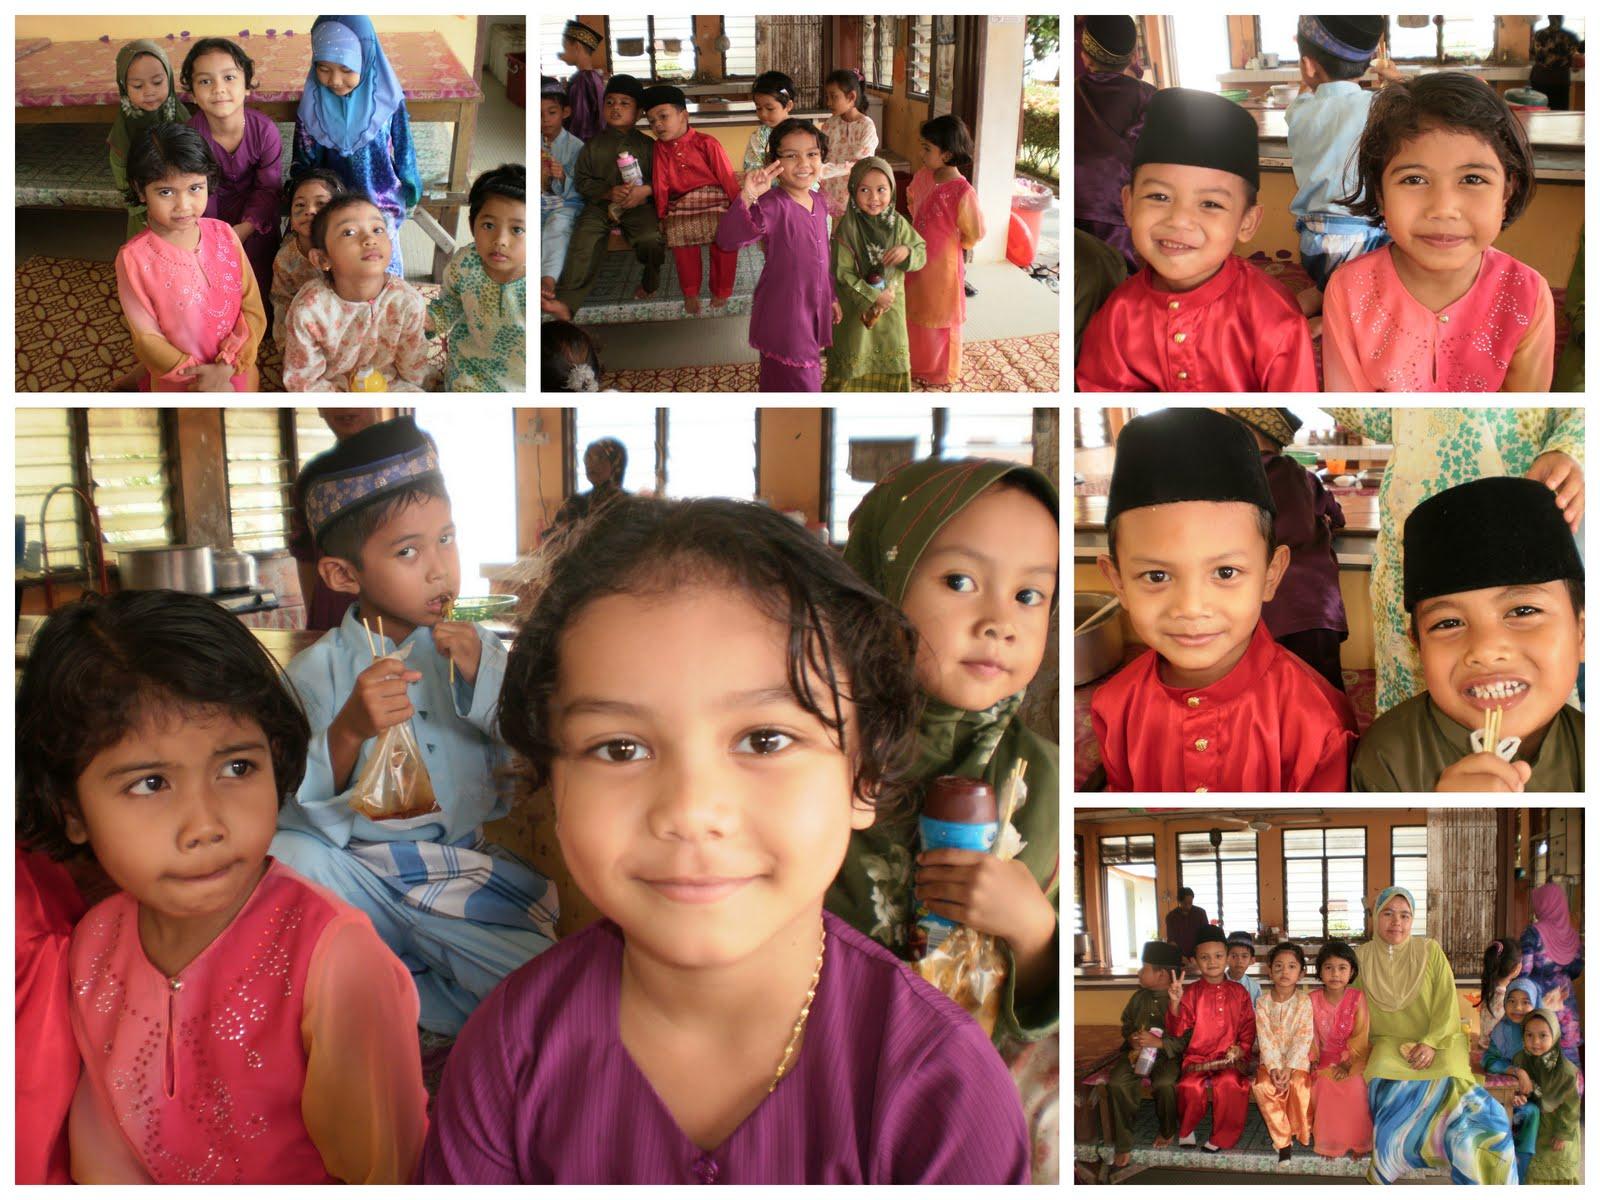 Prasekolah Seri Permata: Jamuan Hari Raya - 8 Sept 2011